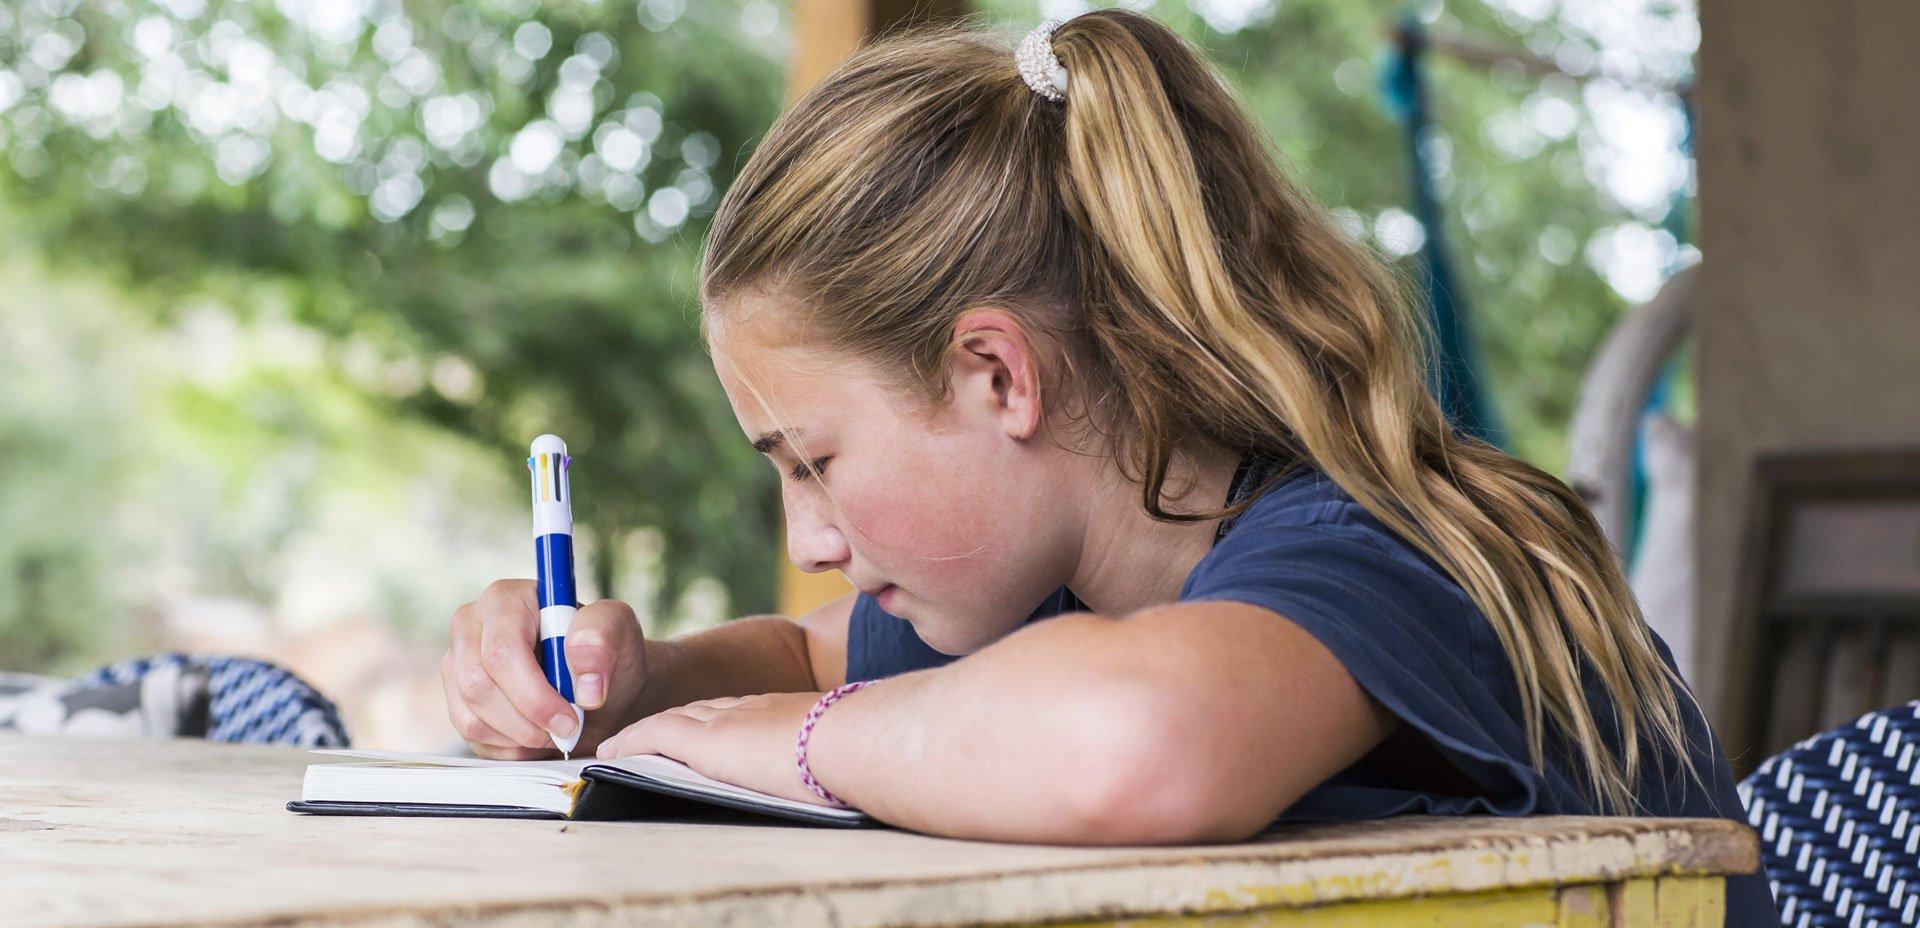 ragazza scrive nel suo diario